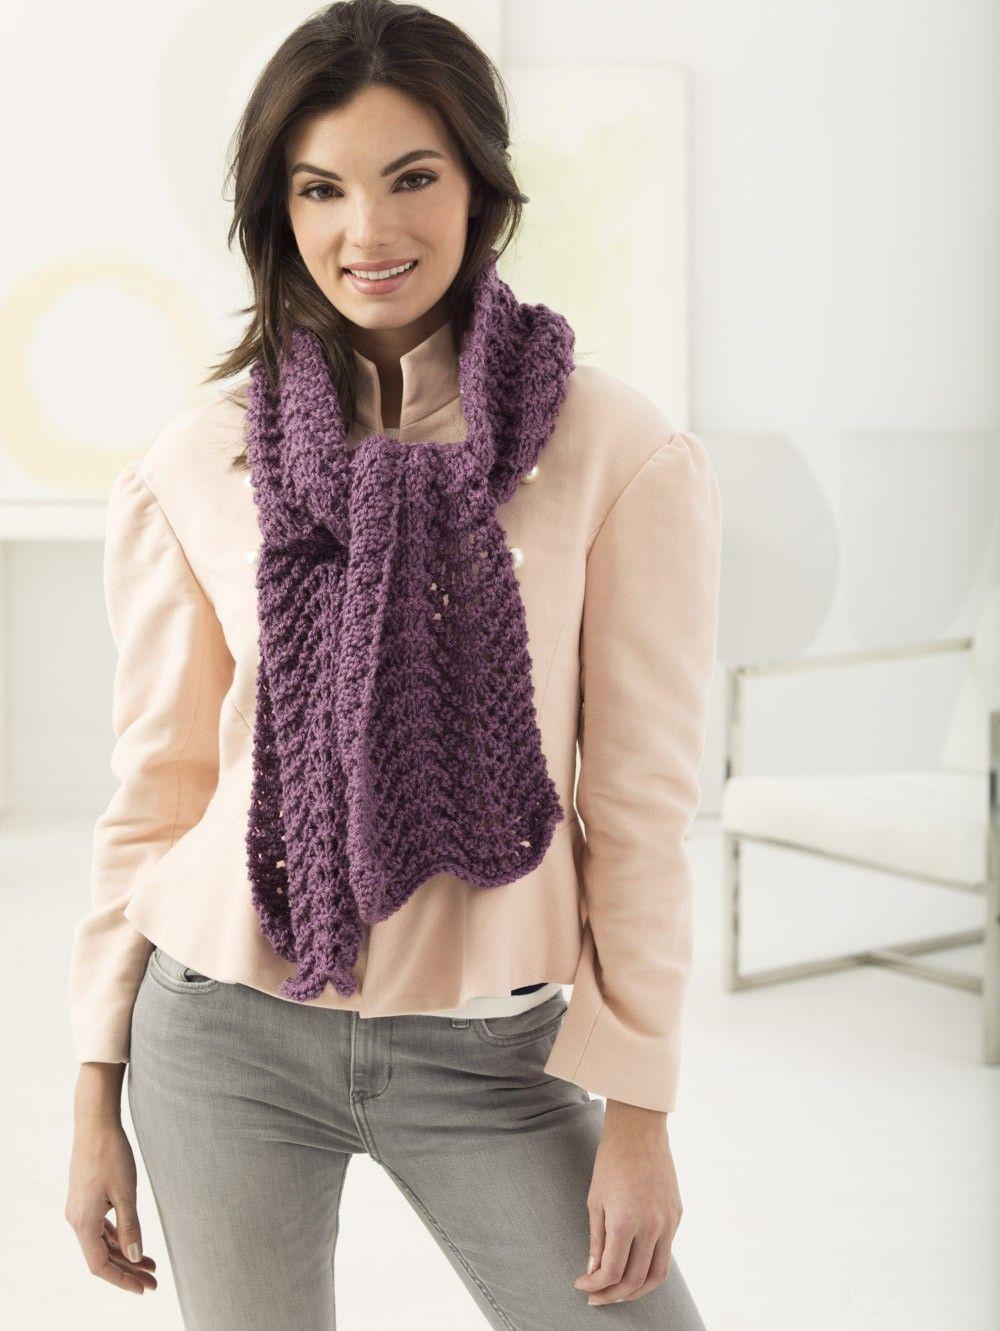 Lacy Scarf (Knit) | Knit patterns | Pinterest | Scarves, Knit ...